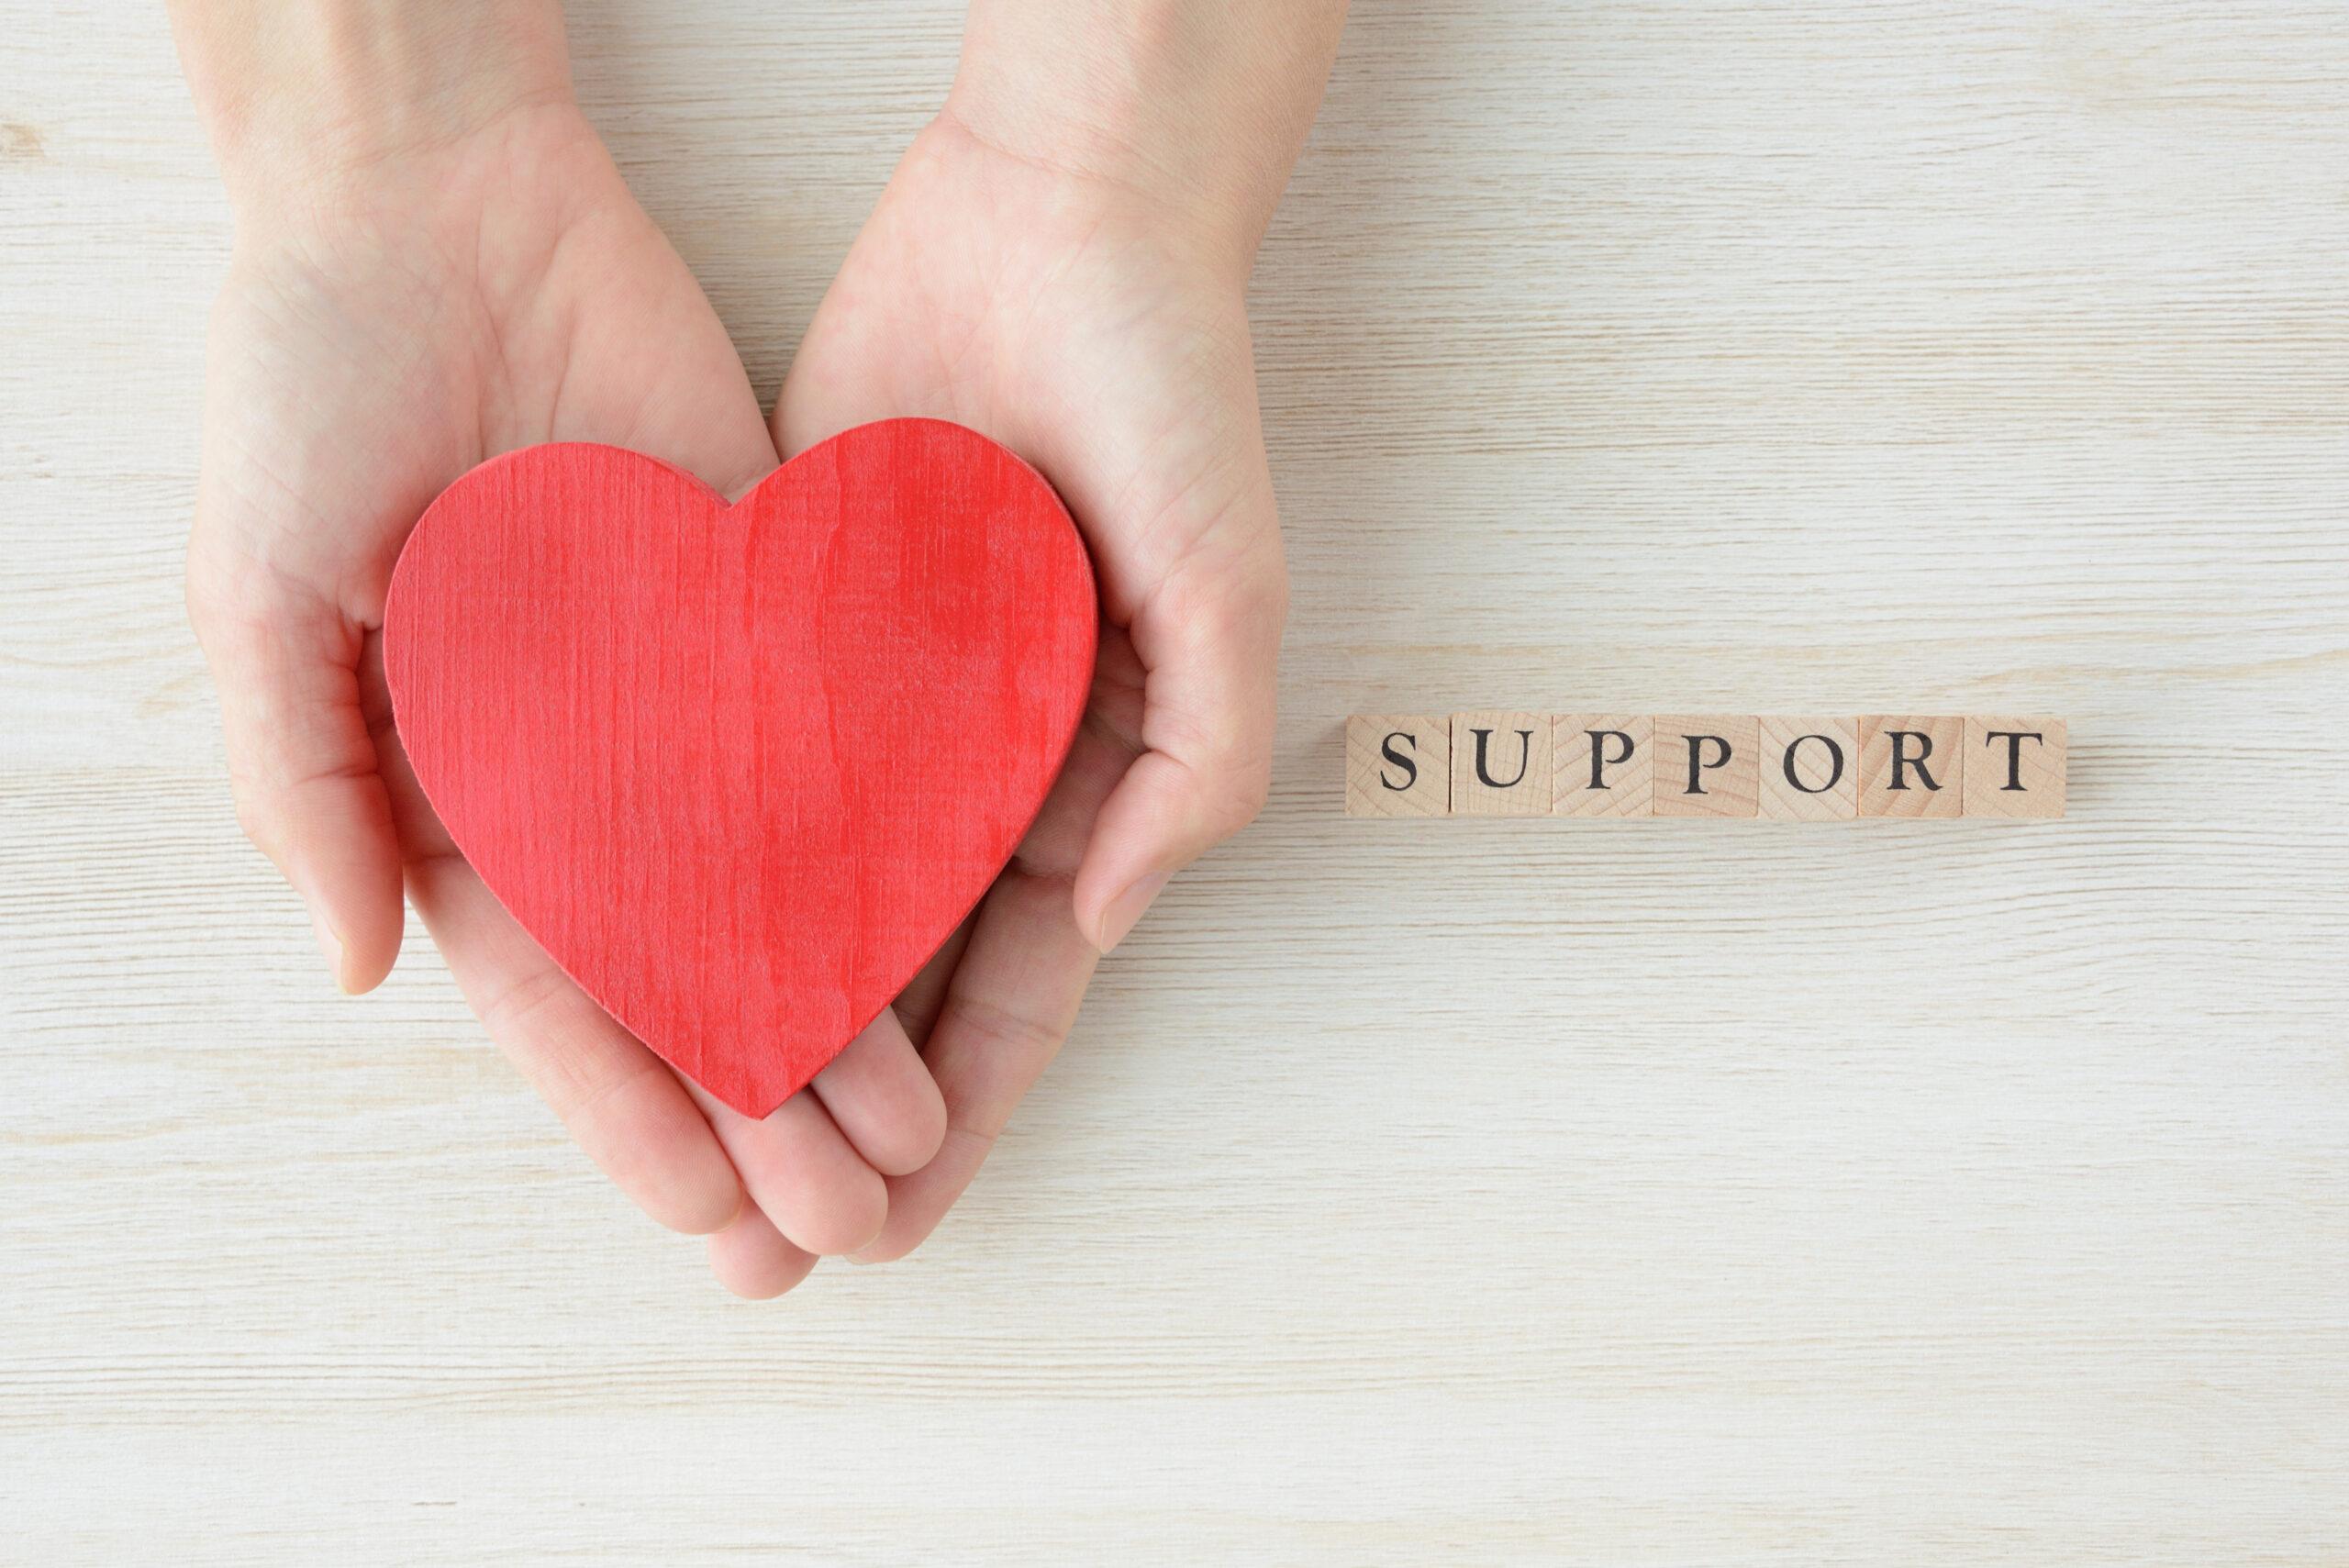 未婚のシングルマザーが利用できる支援制度と養育費まとめ